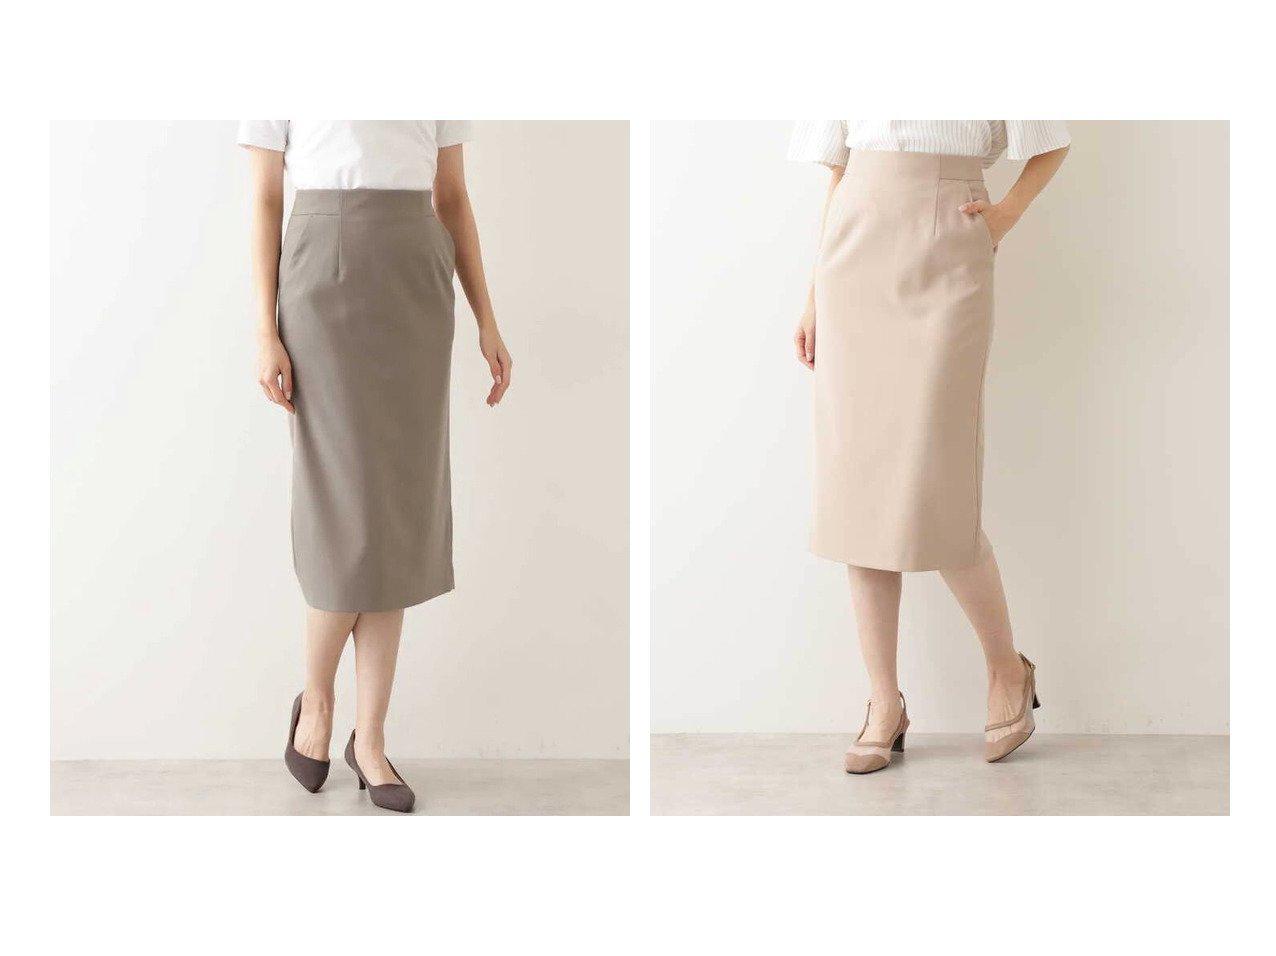 【NATURAL BEAUTY BASIC/ナチュラル ビューティー ベーシック】のストレッチツイルナロースカート 【スカート】おすすめ!人気、トレンド・レディースファッションの通販 おすすめで人気の流行・トレンド、ファッションの通販商品 メンズファッション・キッズファッション・インテリア・家具・レディースファッション・服の通販 founy(ファニー) https://founy.com/ ファッション Fashion レディースファッション WOMEN スカート Skirt シンプル ストレッチ |ID:crp329100000028462